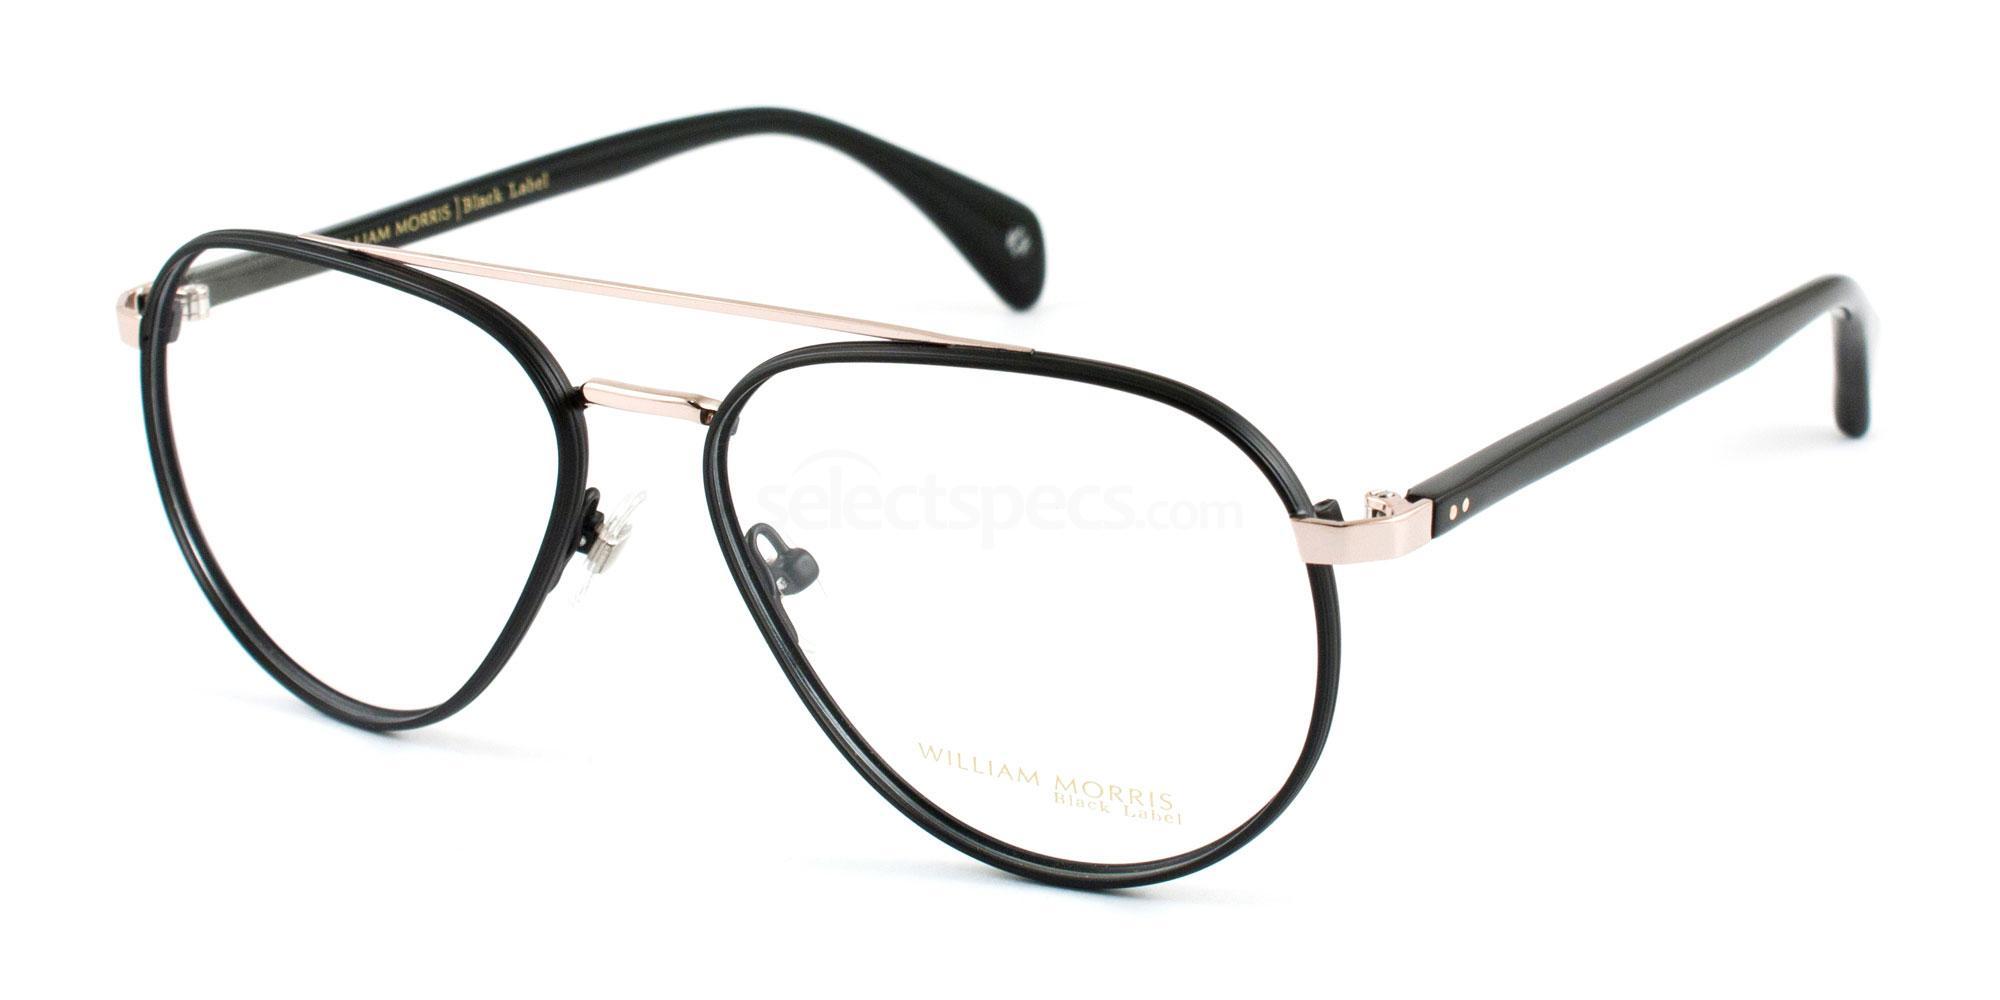 C1 BL046 Glasses, William Morris Black Label